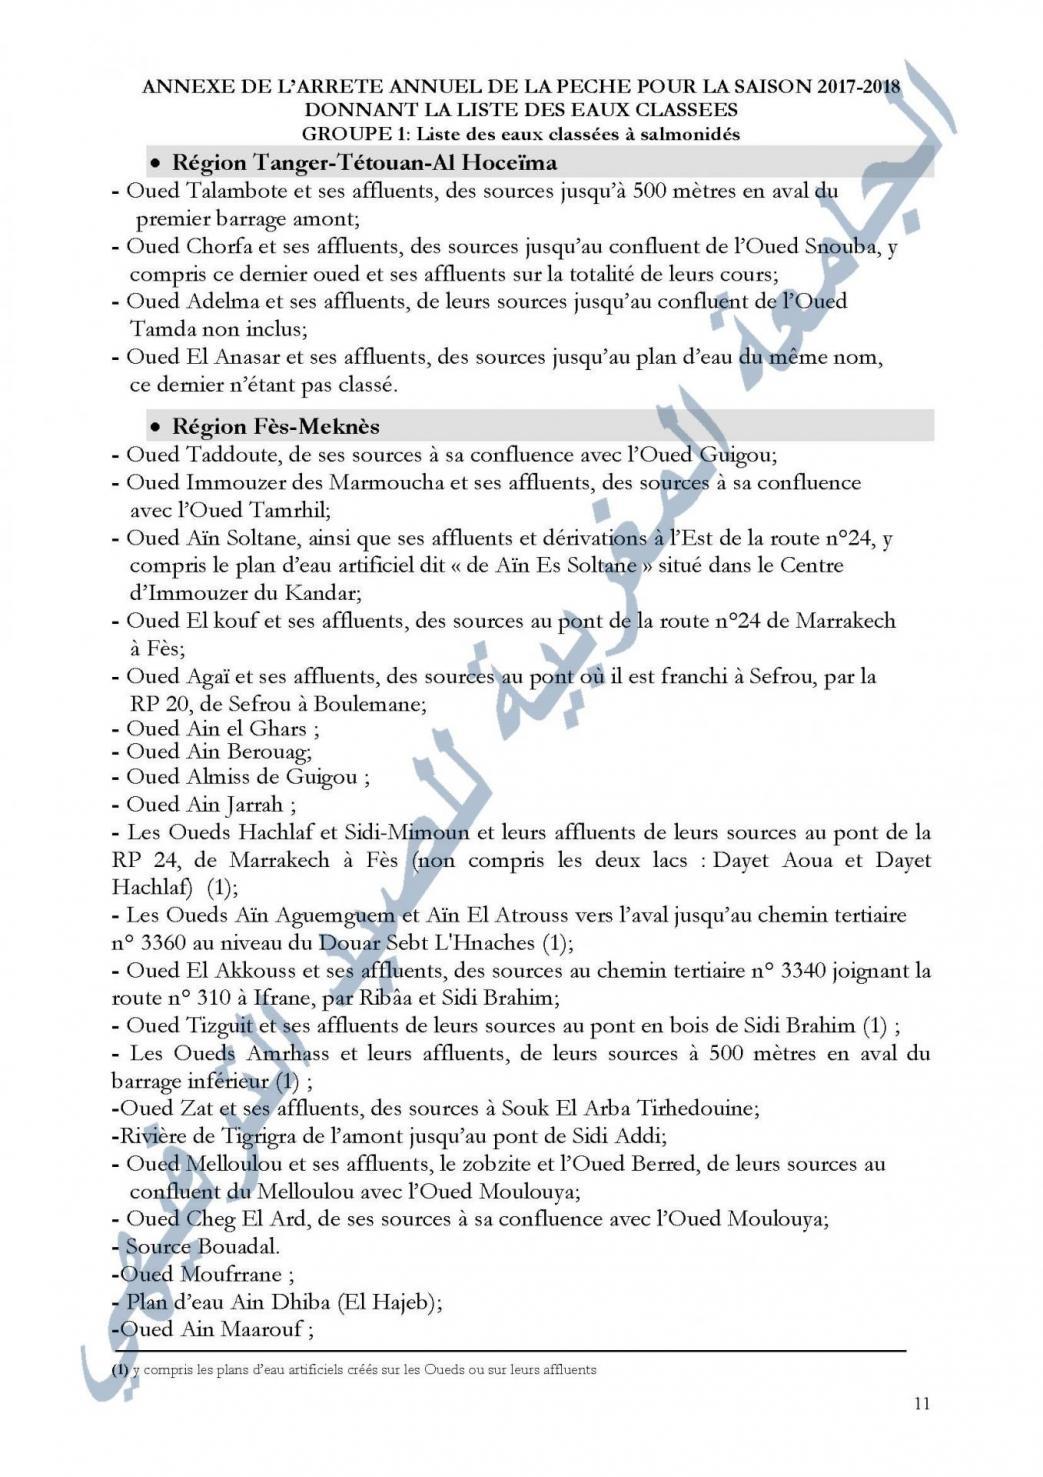 Arrete 17 18 page 11